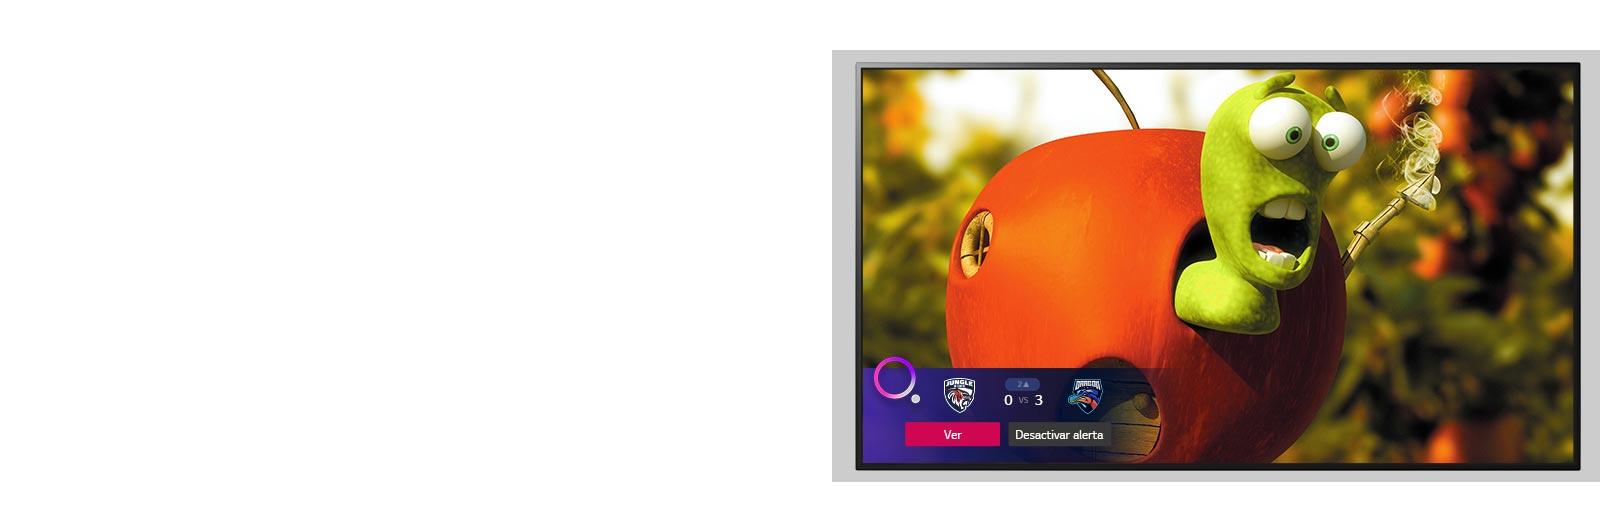 El televisor muestra un personaje de dibujos animados y la Alerta de deportes en la parte inferior de la pantalla.